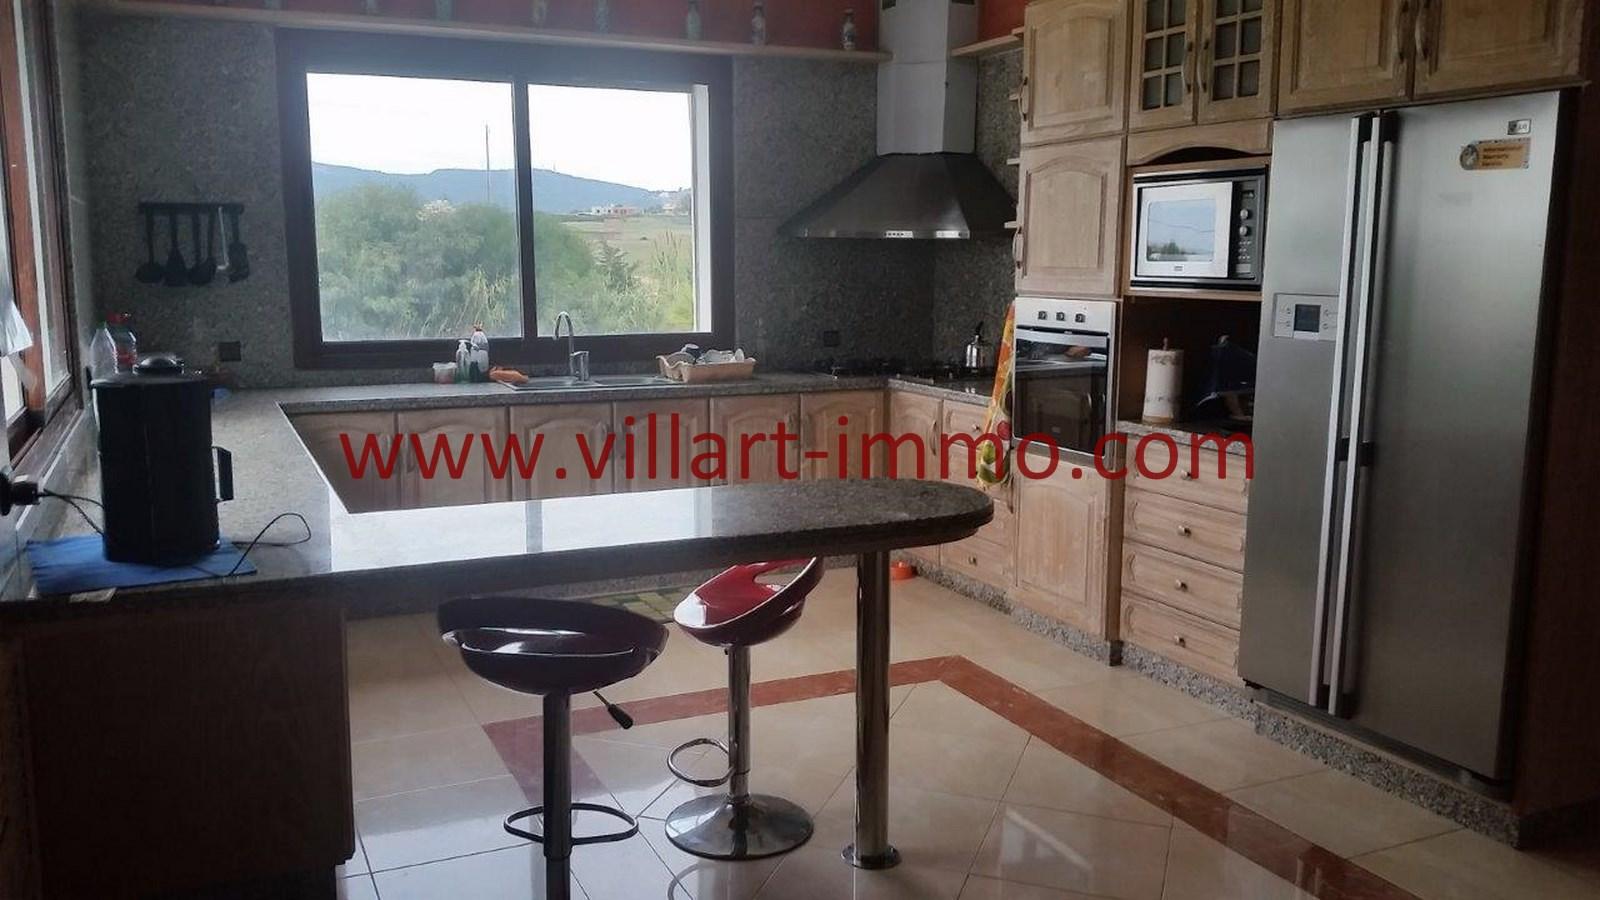 7-A louer-Villa-Meublée-Tanger-Achakar-Cuisine-LSAT914-Villart immo